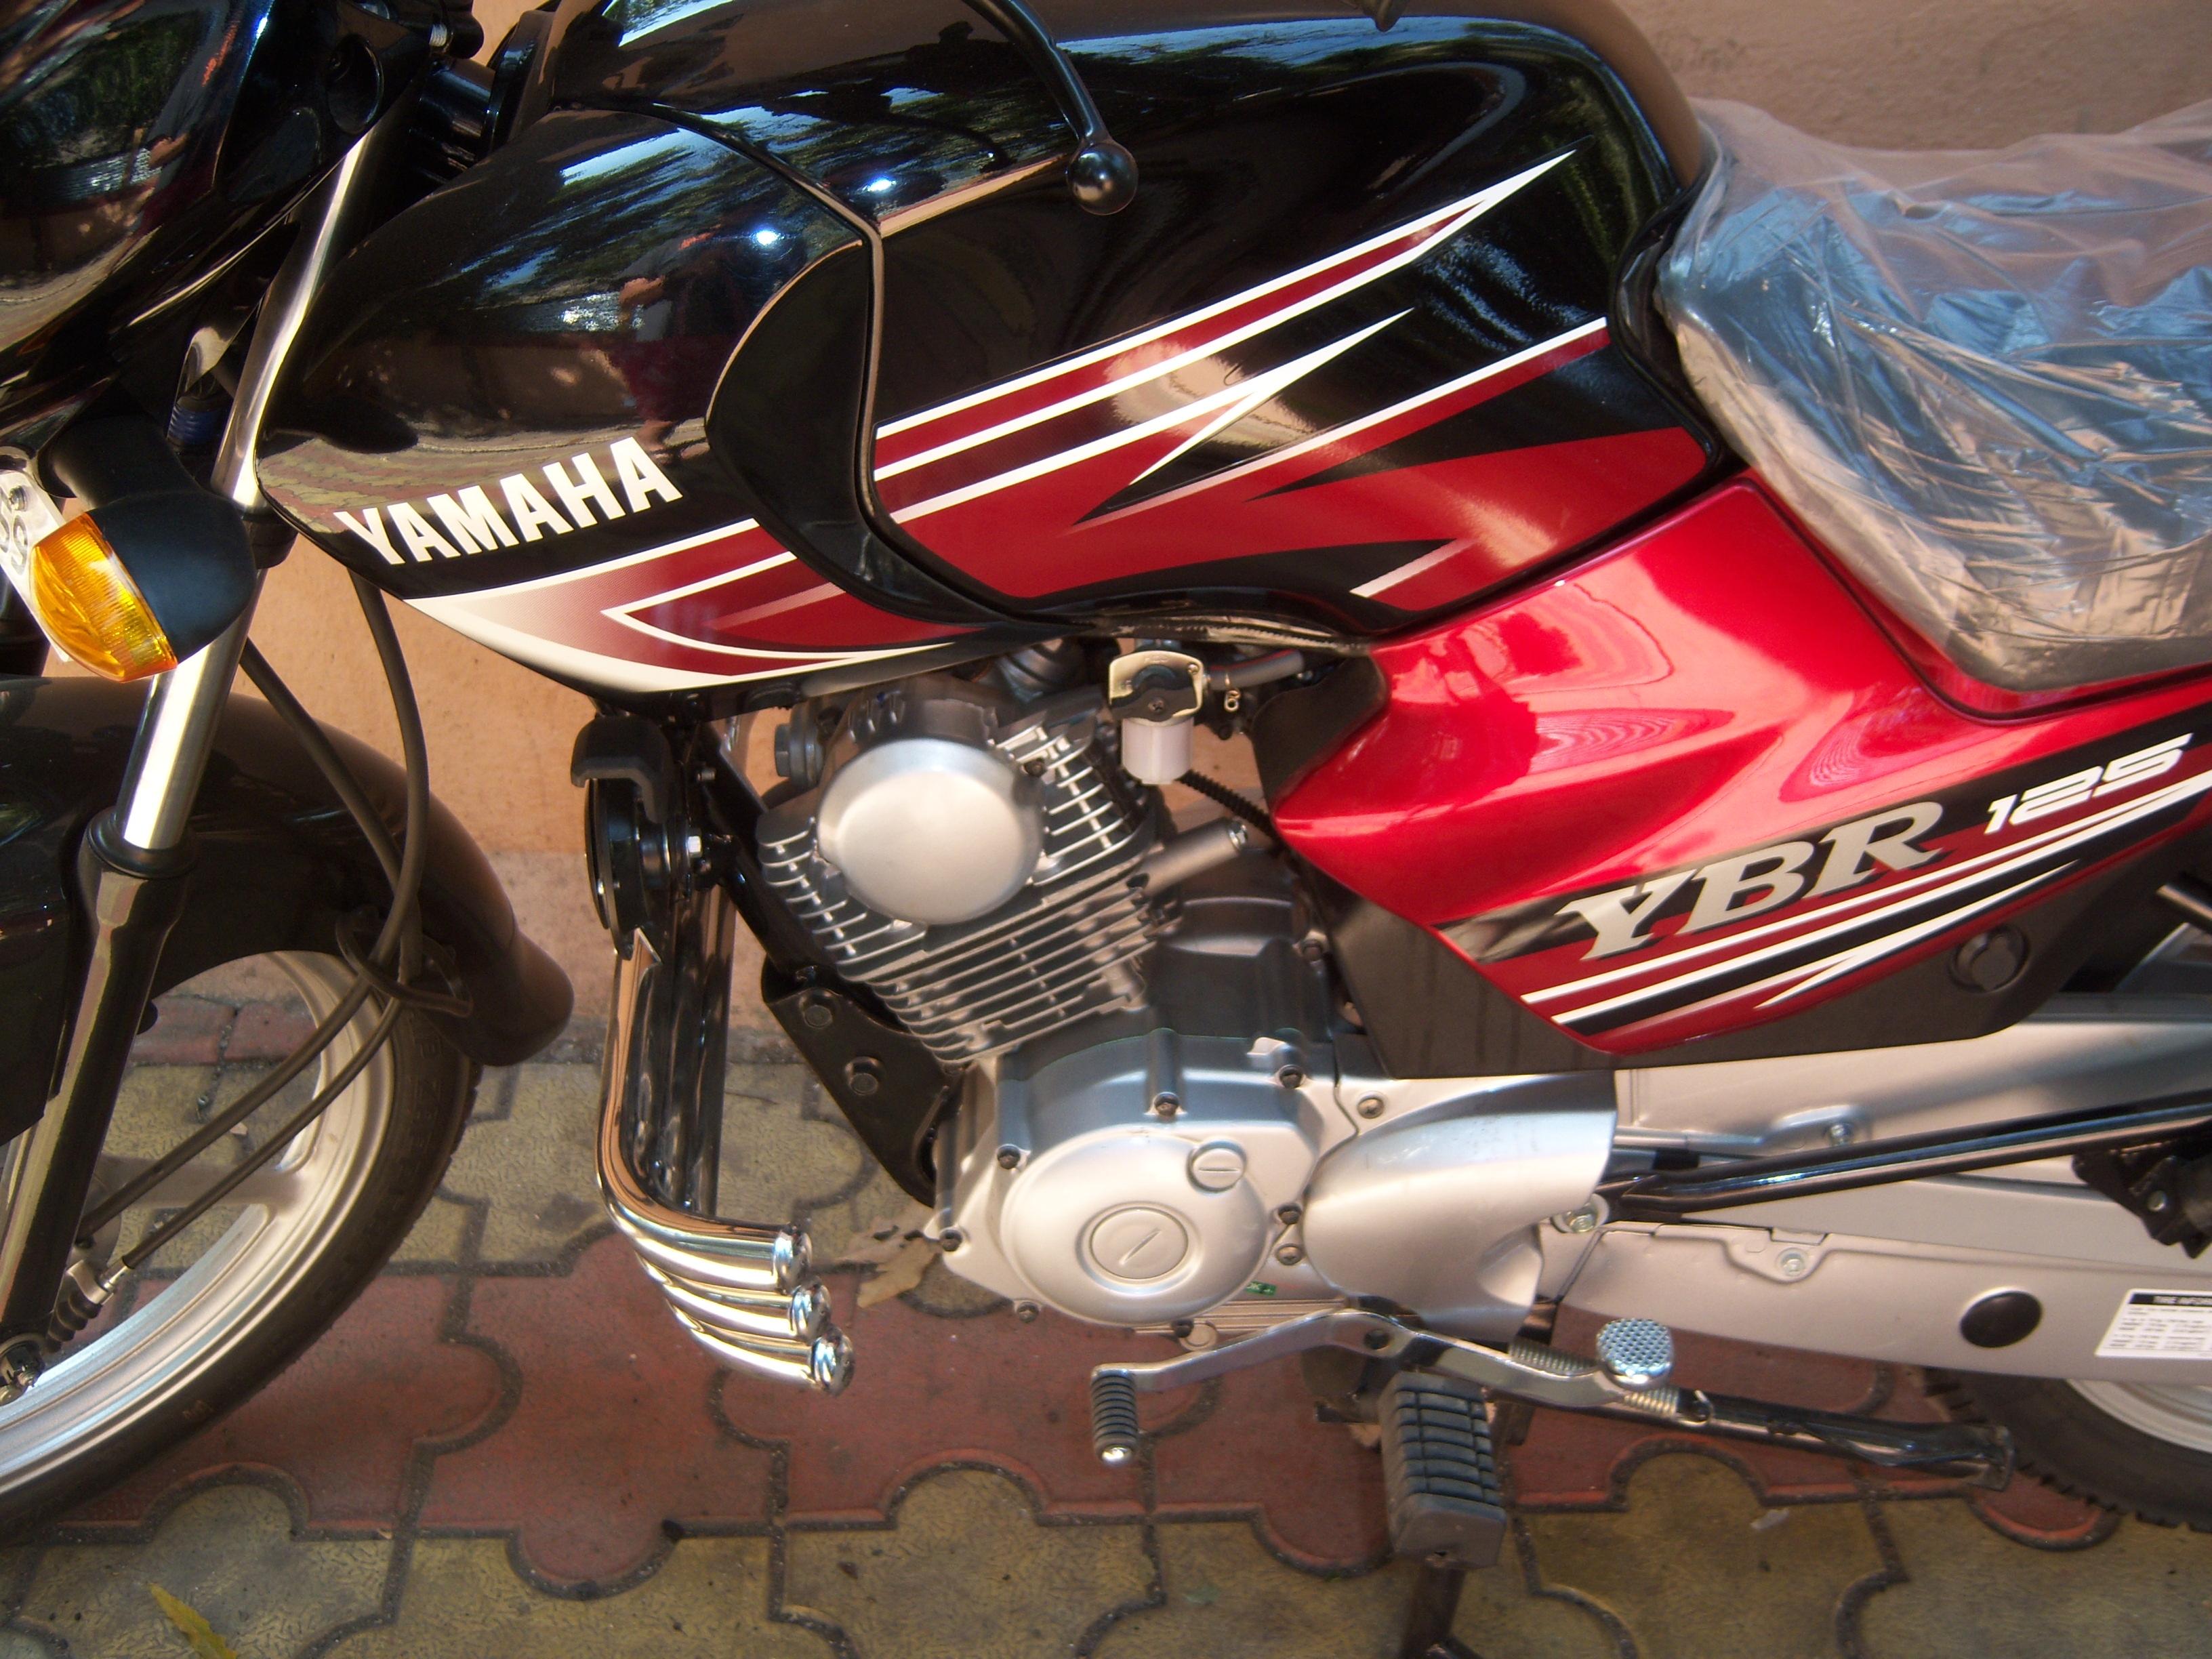 Yamaha ybr bike price in bangalore dating